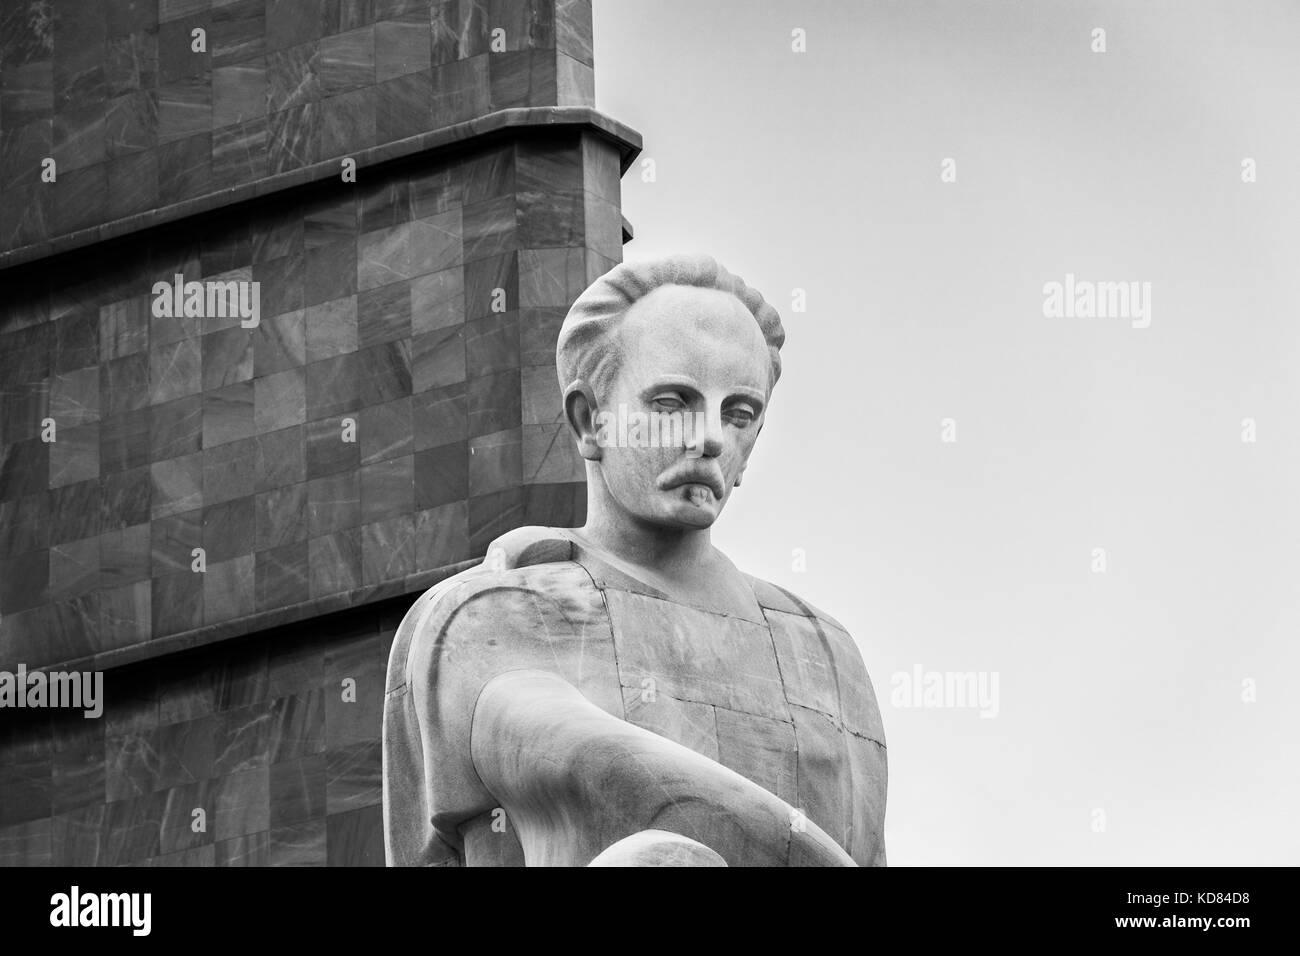 White marble statue of Jose Marti, Memorial Jose Marti, Plaza de la Revolución (Revolution Square), Havana, - Stock Image